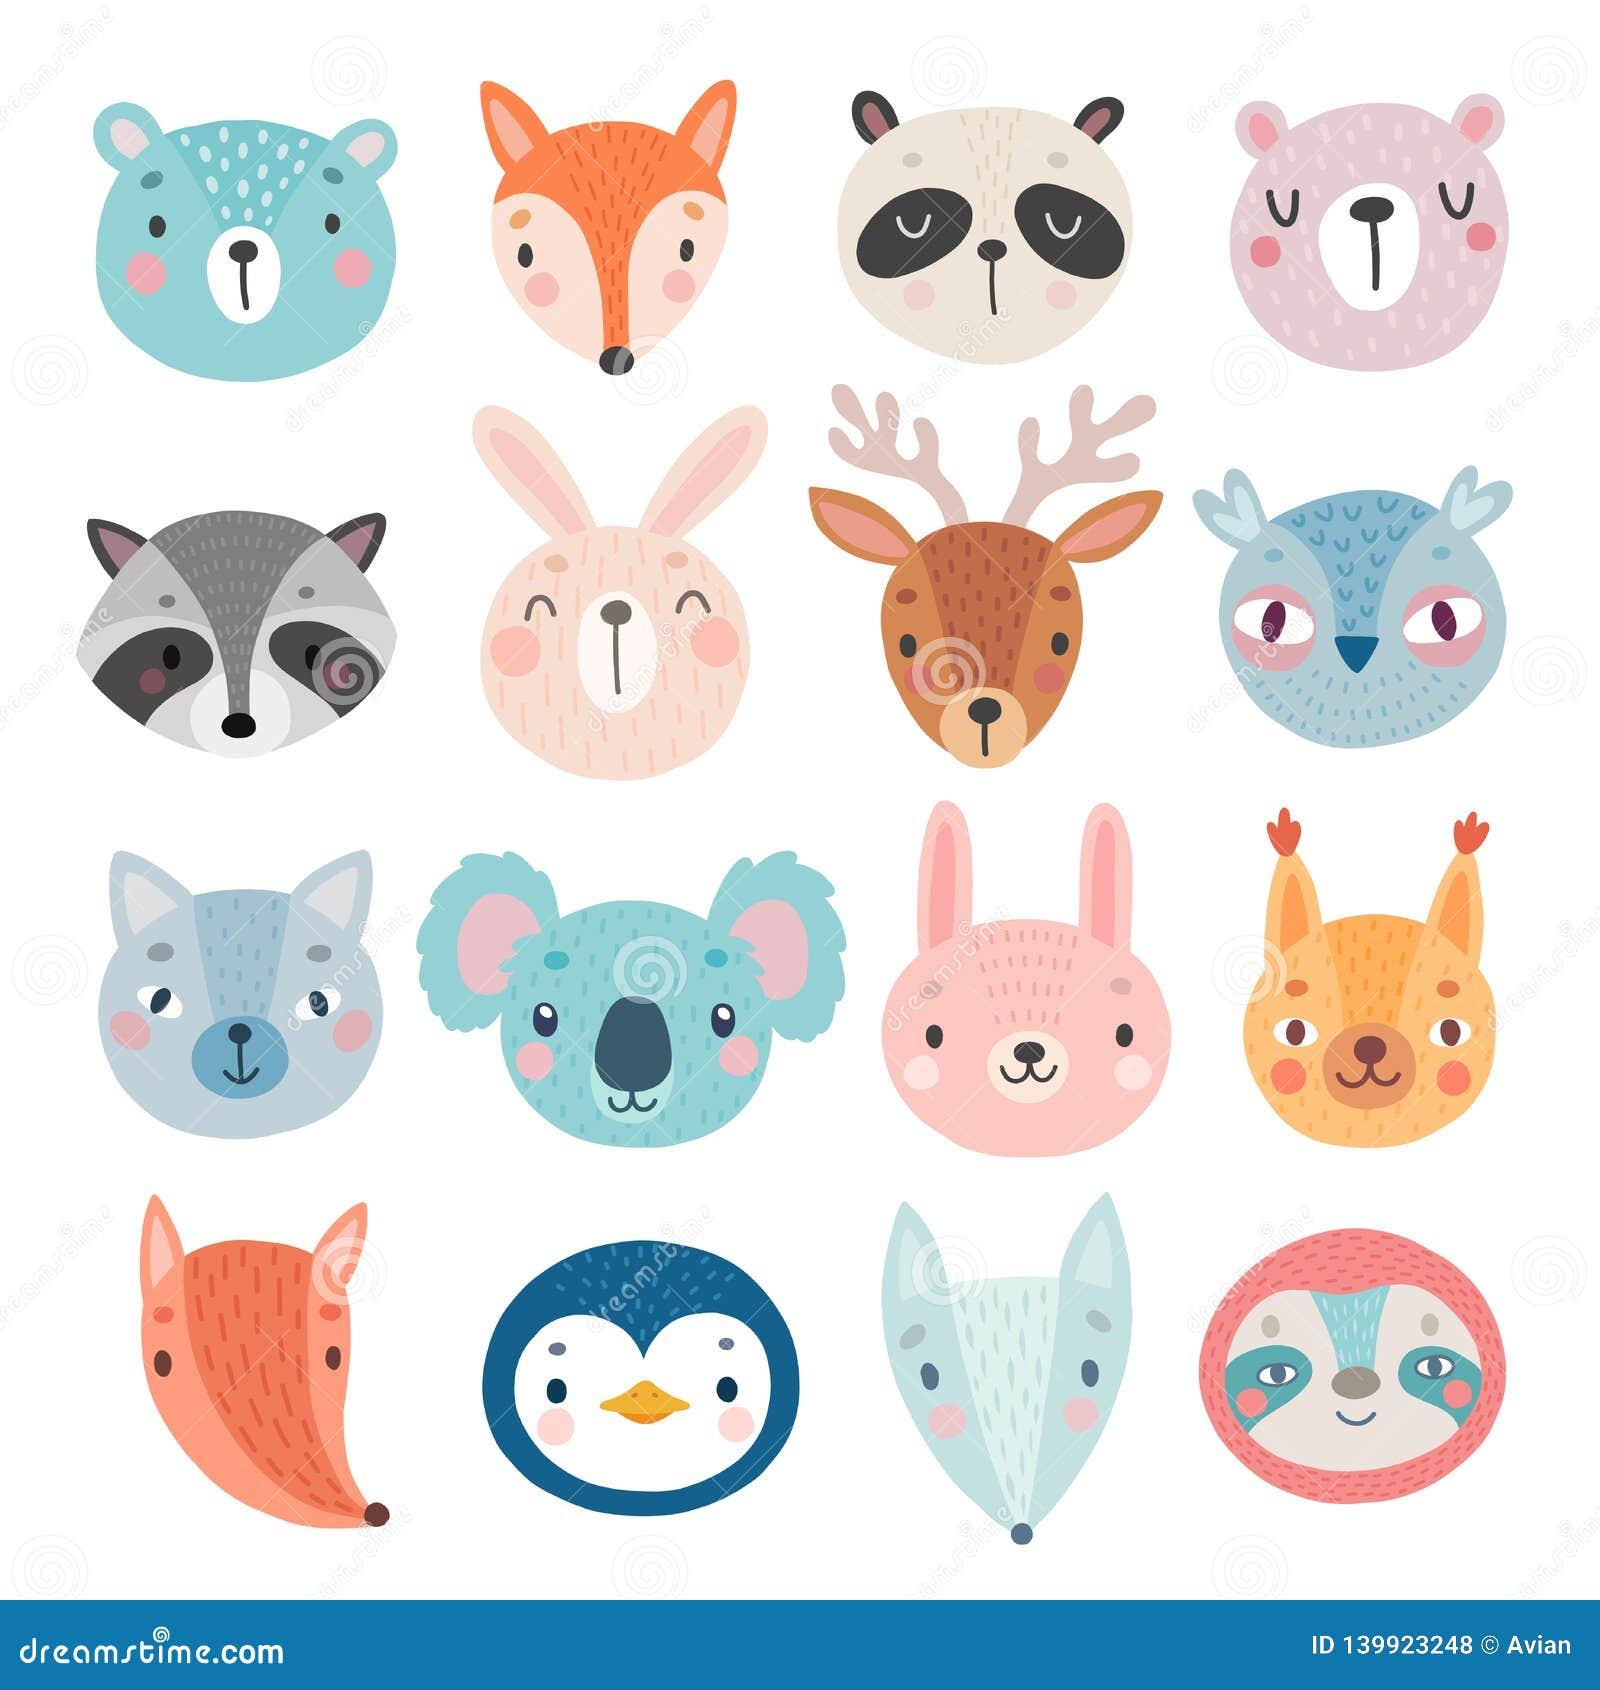 Caracteres, oso, zorro, mapache, conejo, ardilla, ciervos, búho y otros lindos del arbolado